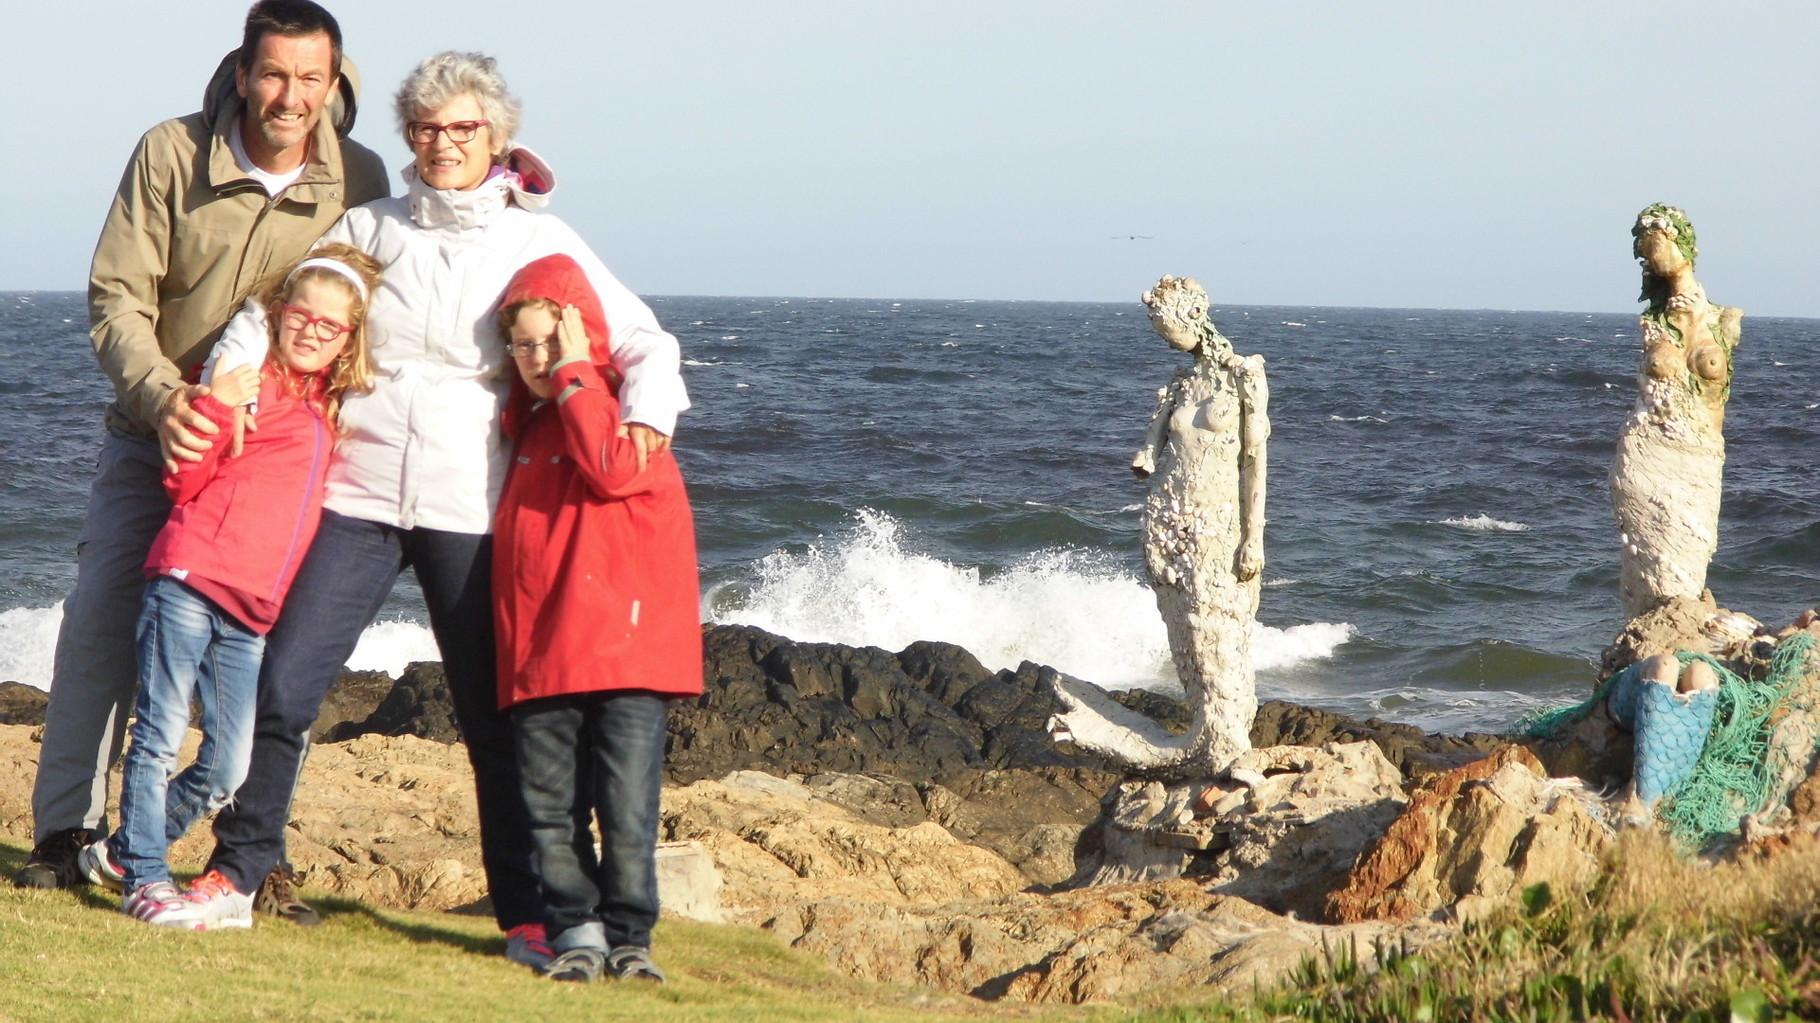 Les sirènes marquent la ligne de partage des eaux entre le Rio de la Plata et l'Océan Atlantique